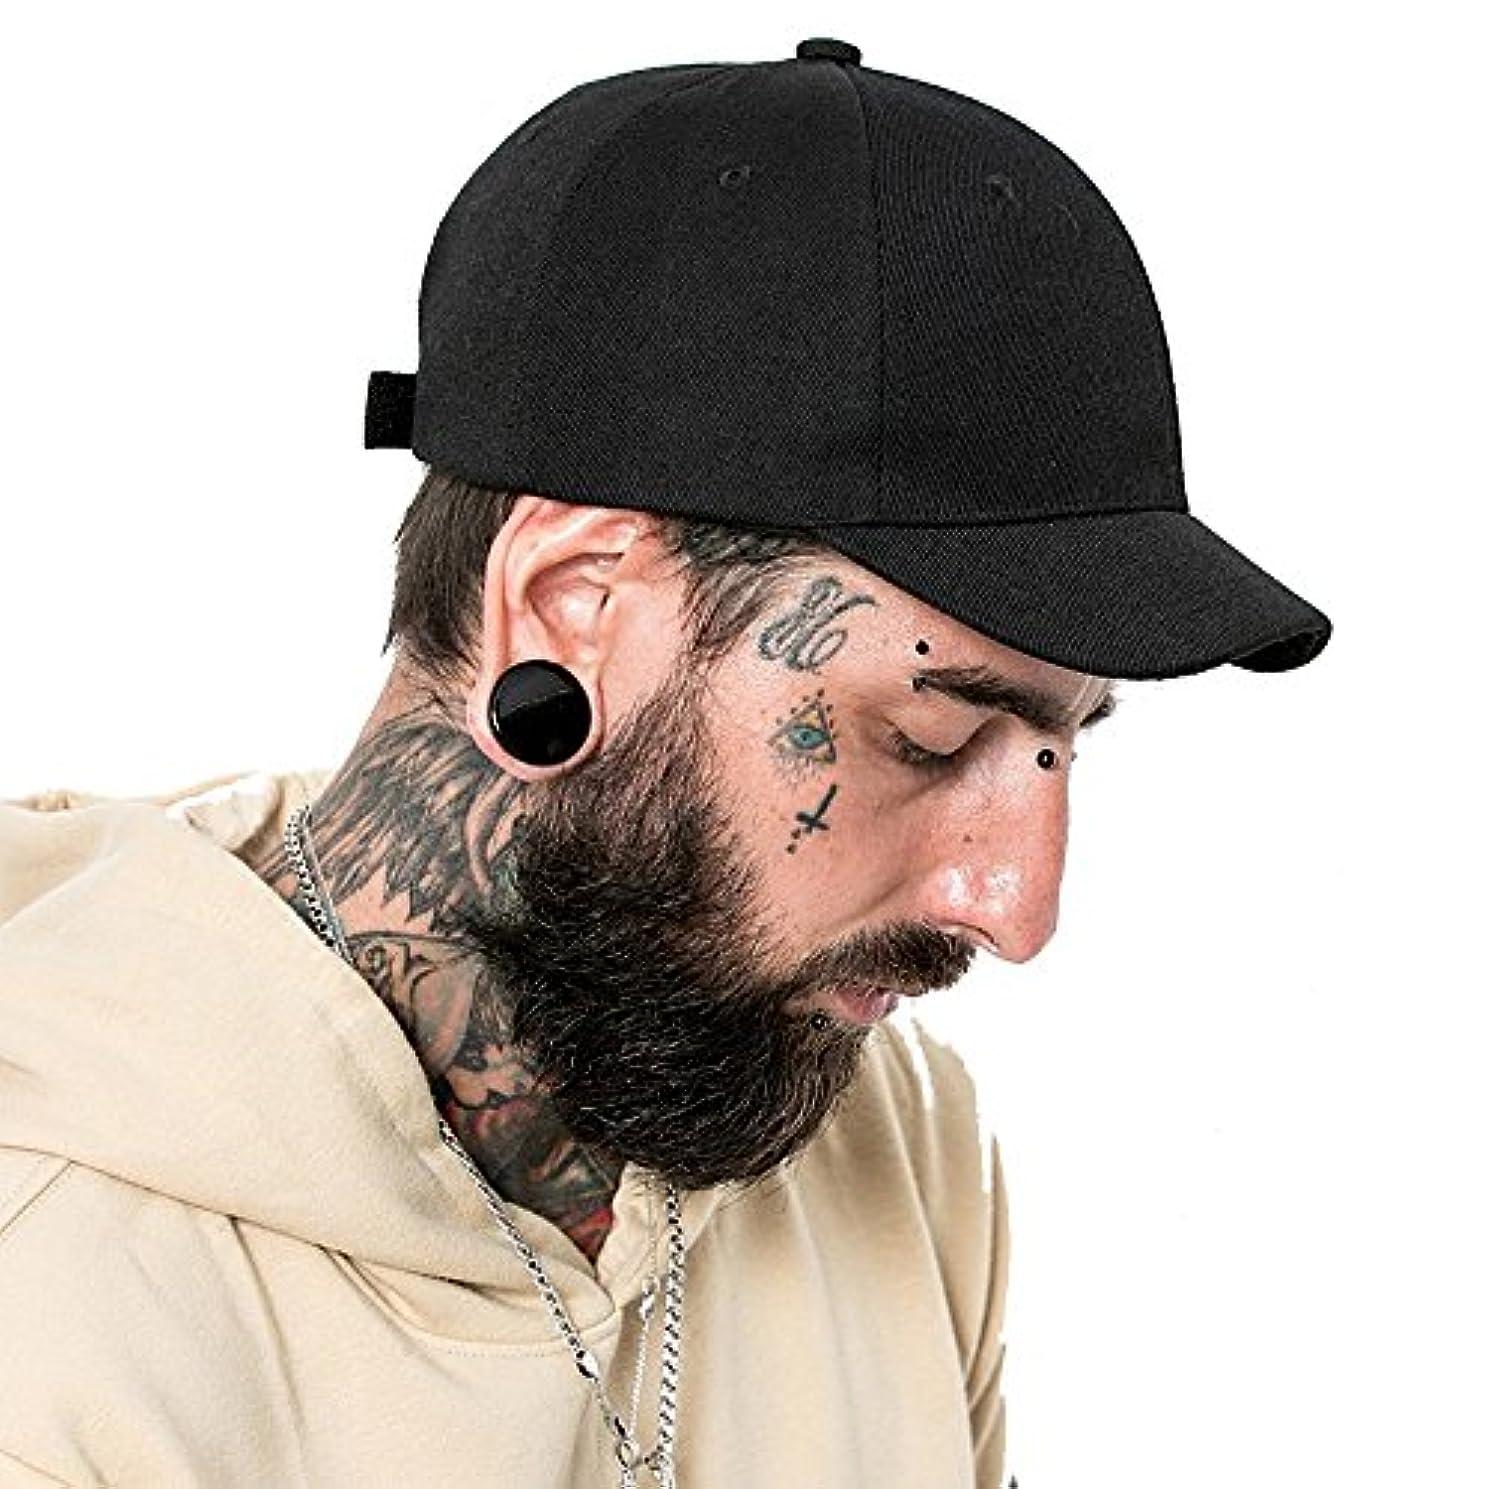 診療所腐敗抽象化Clape ショートブリム 帽子 コットンツイル スウェット ベースボールキャップ 短ツバ BBキャップ ソリッドトラック/野球スタイルの帽子